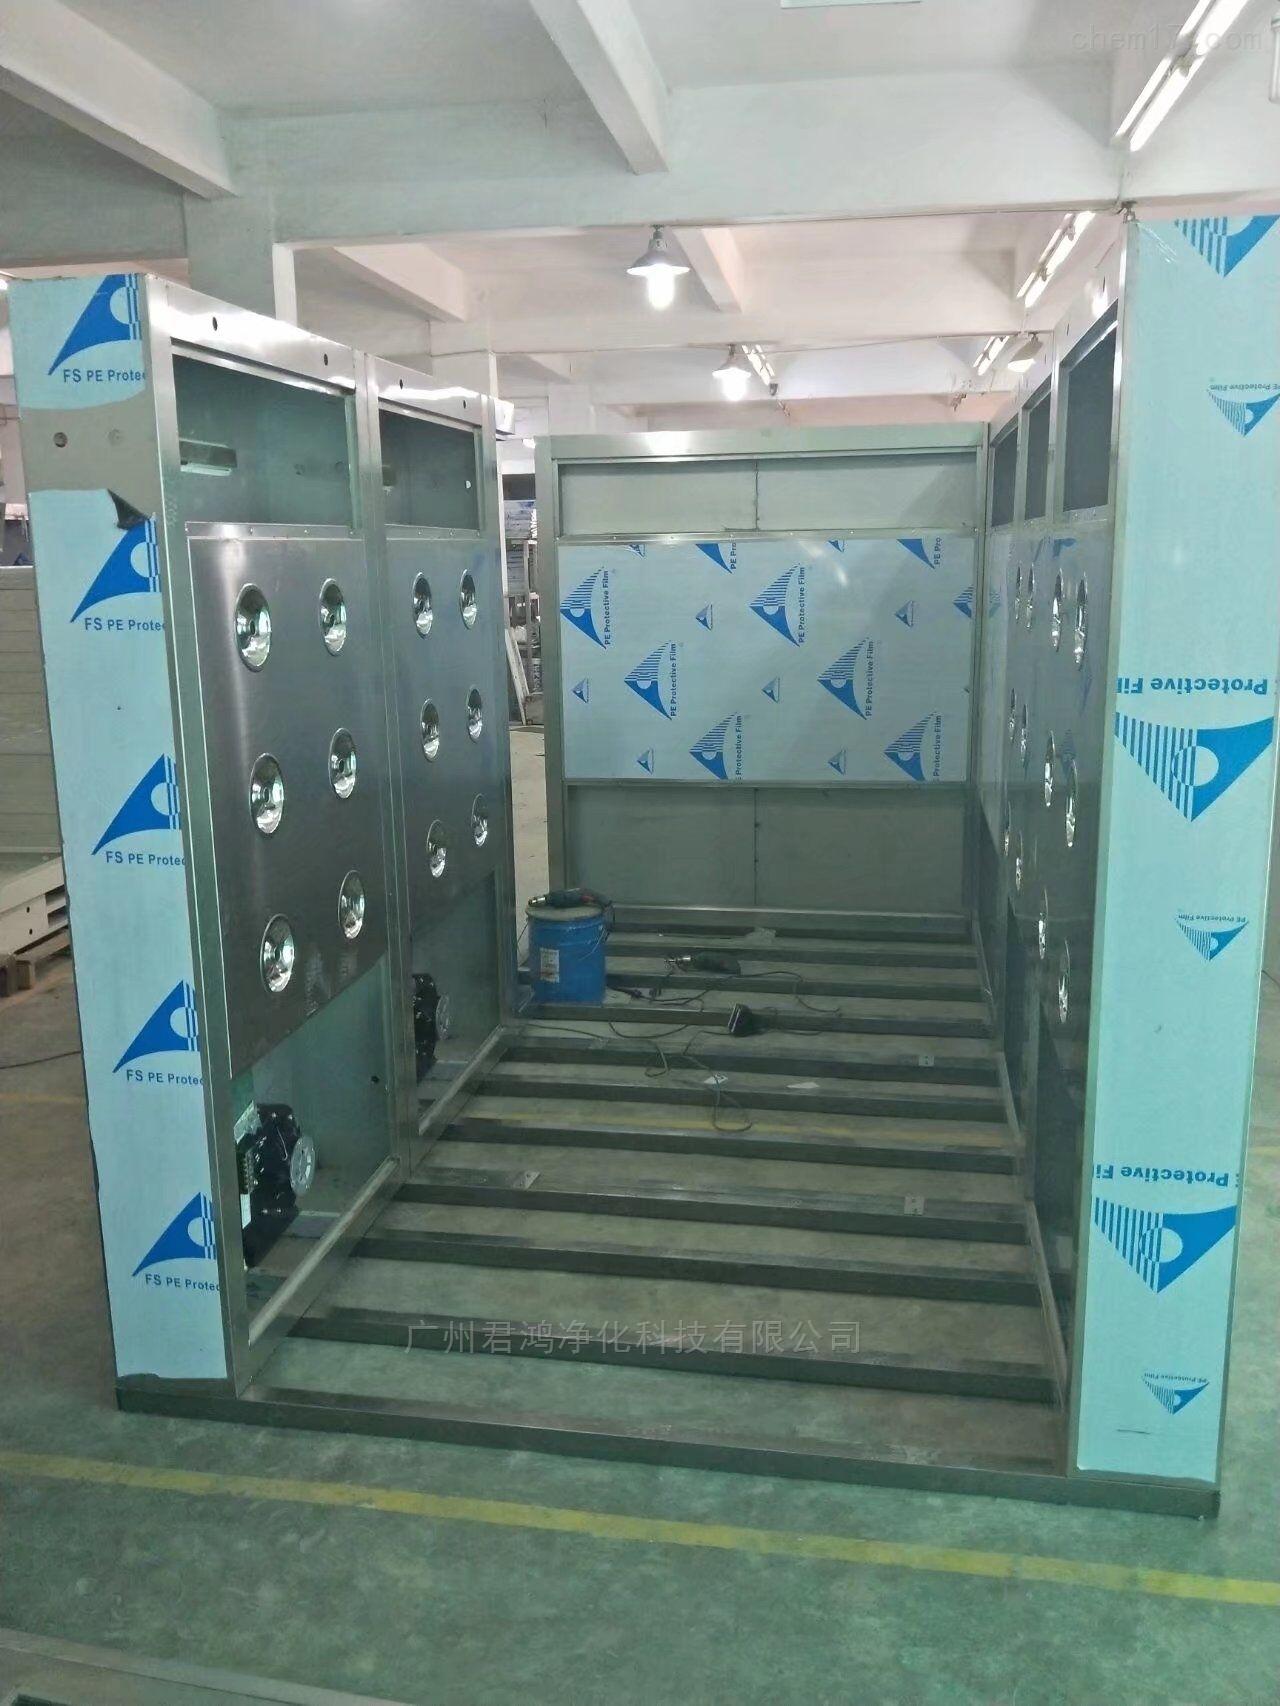 广州开发区君鸿净化设备快速卷帘门货淋室